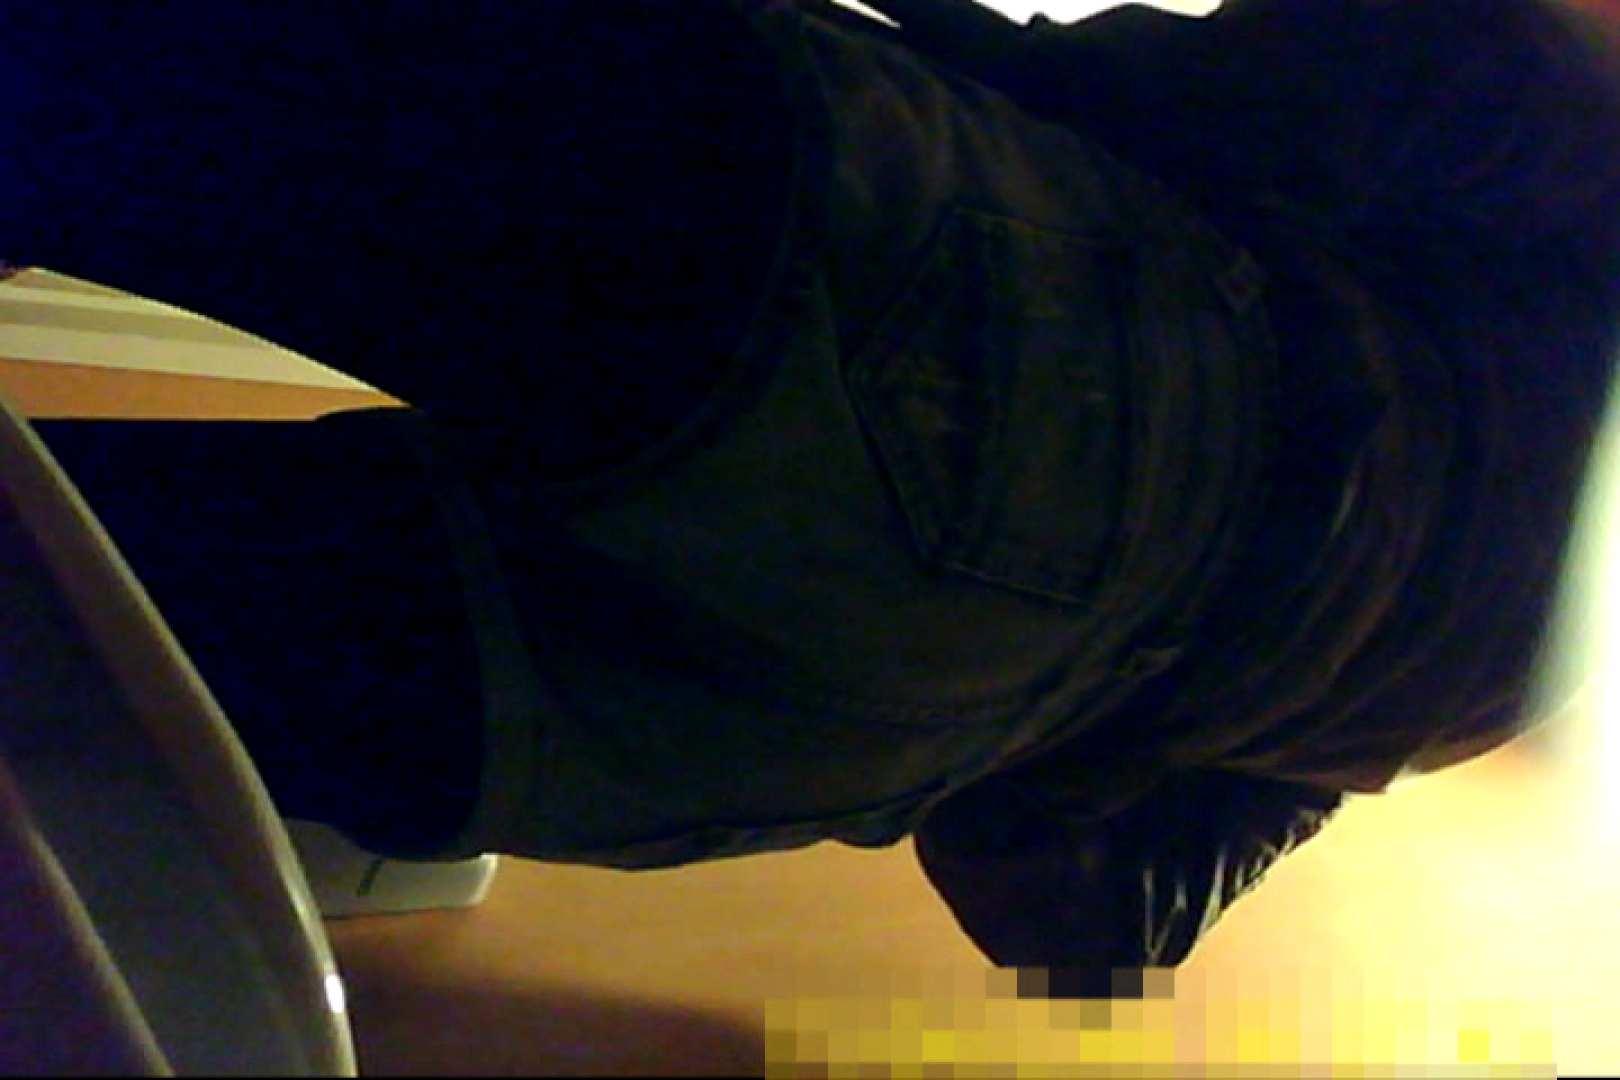 魅惑の化粧室~禁断のプライベート空間~31 盗撮  89pic 11